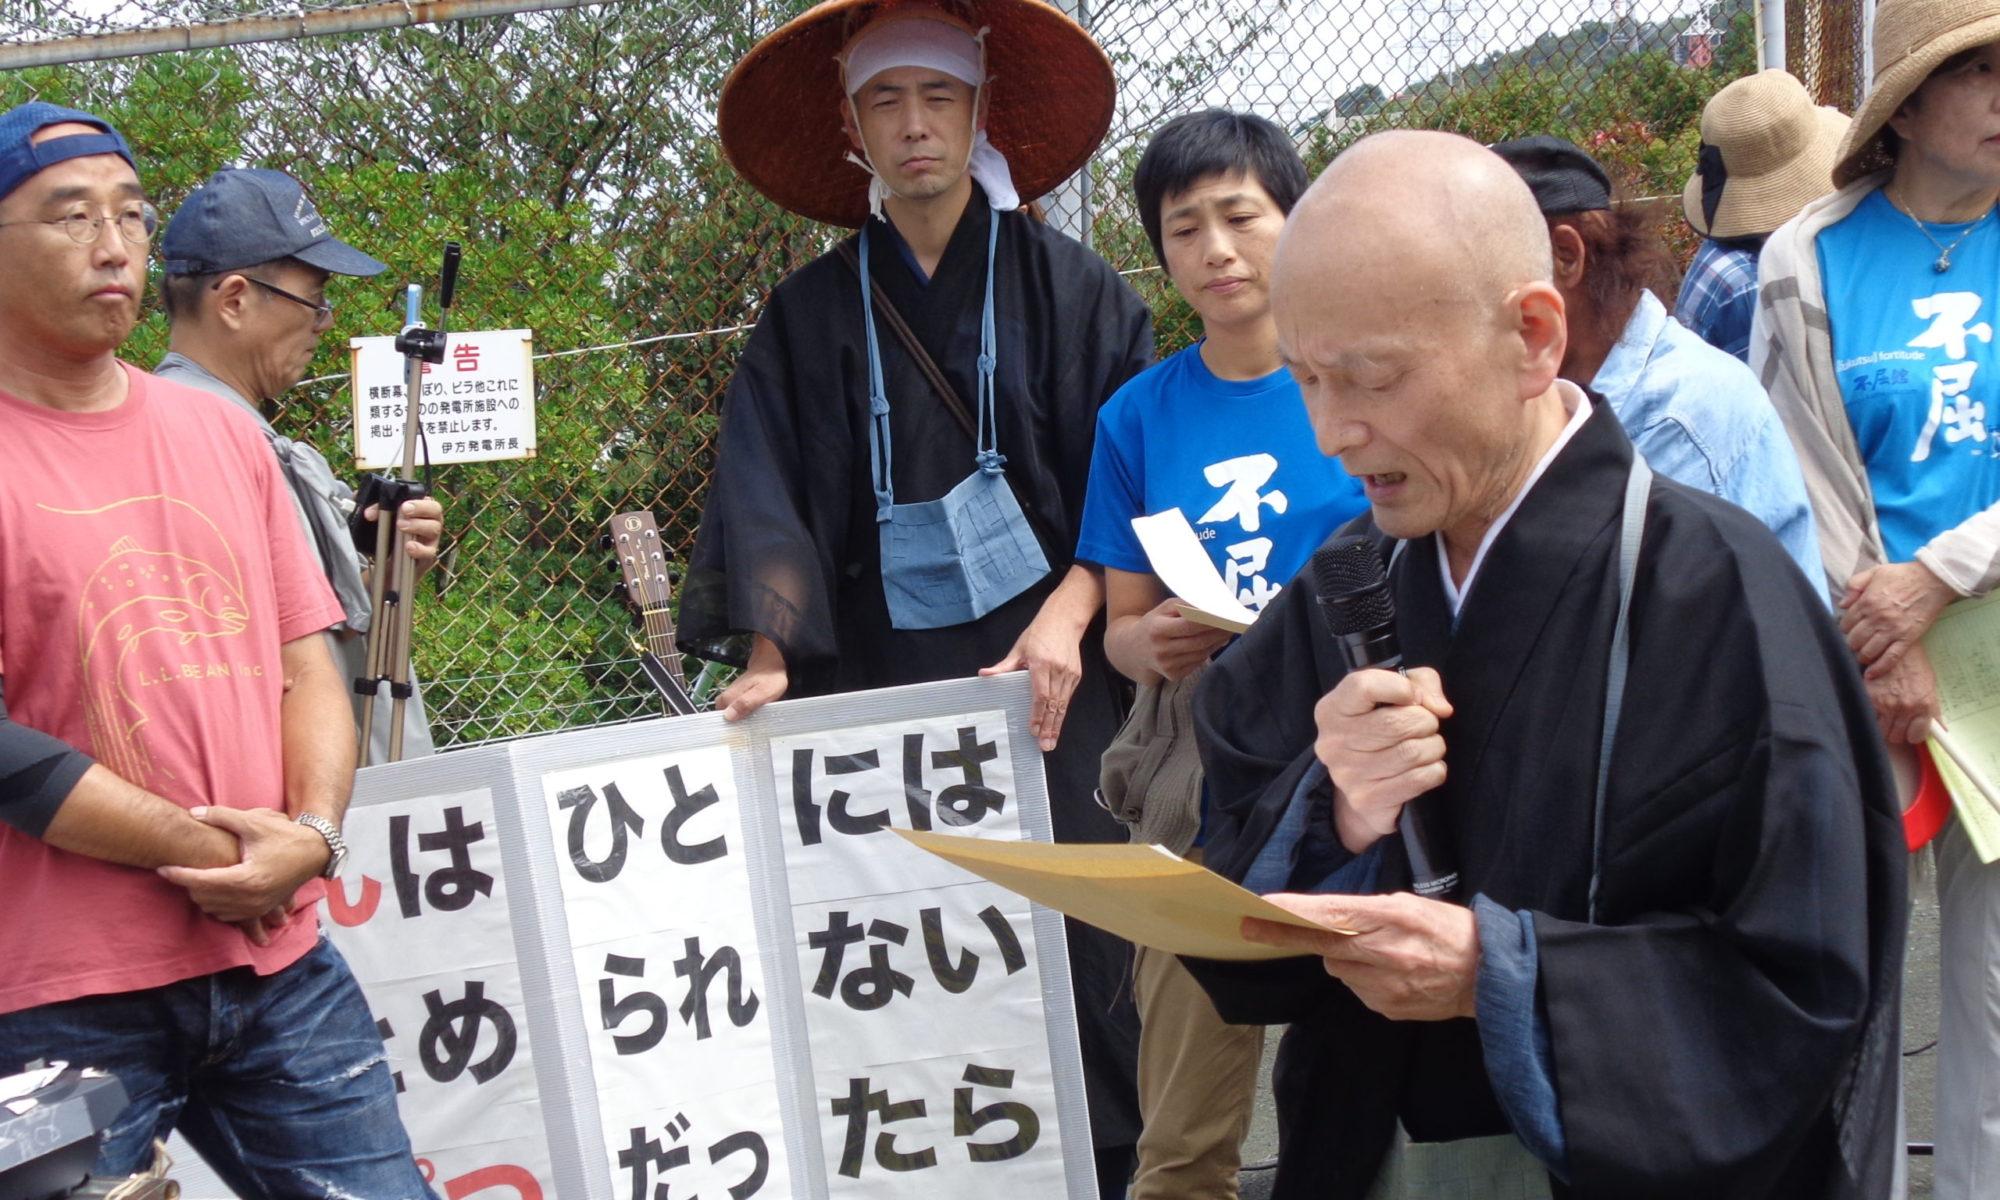 宗教者が核燃料サイクル事業廃止を求める裁判(宗教者核燃裁判)を東京地裁に提訴します